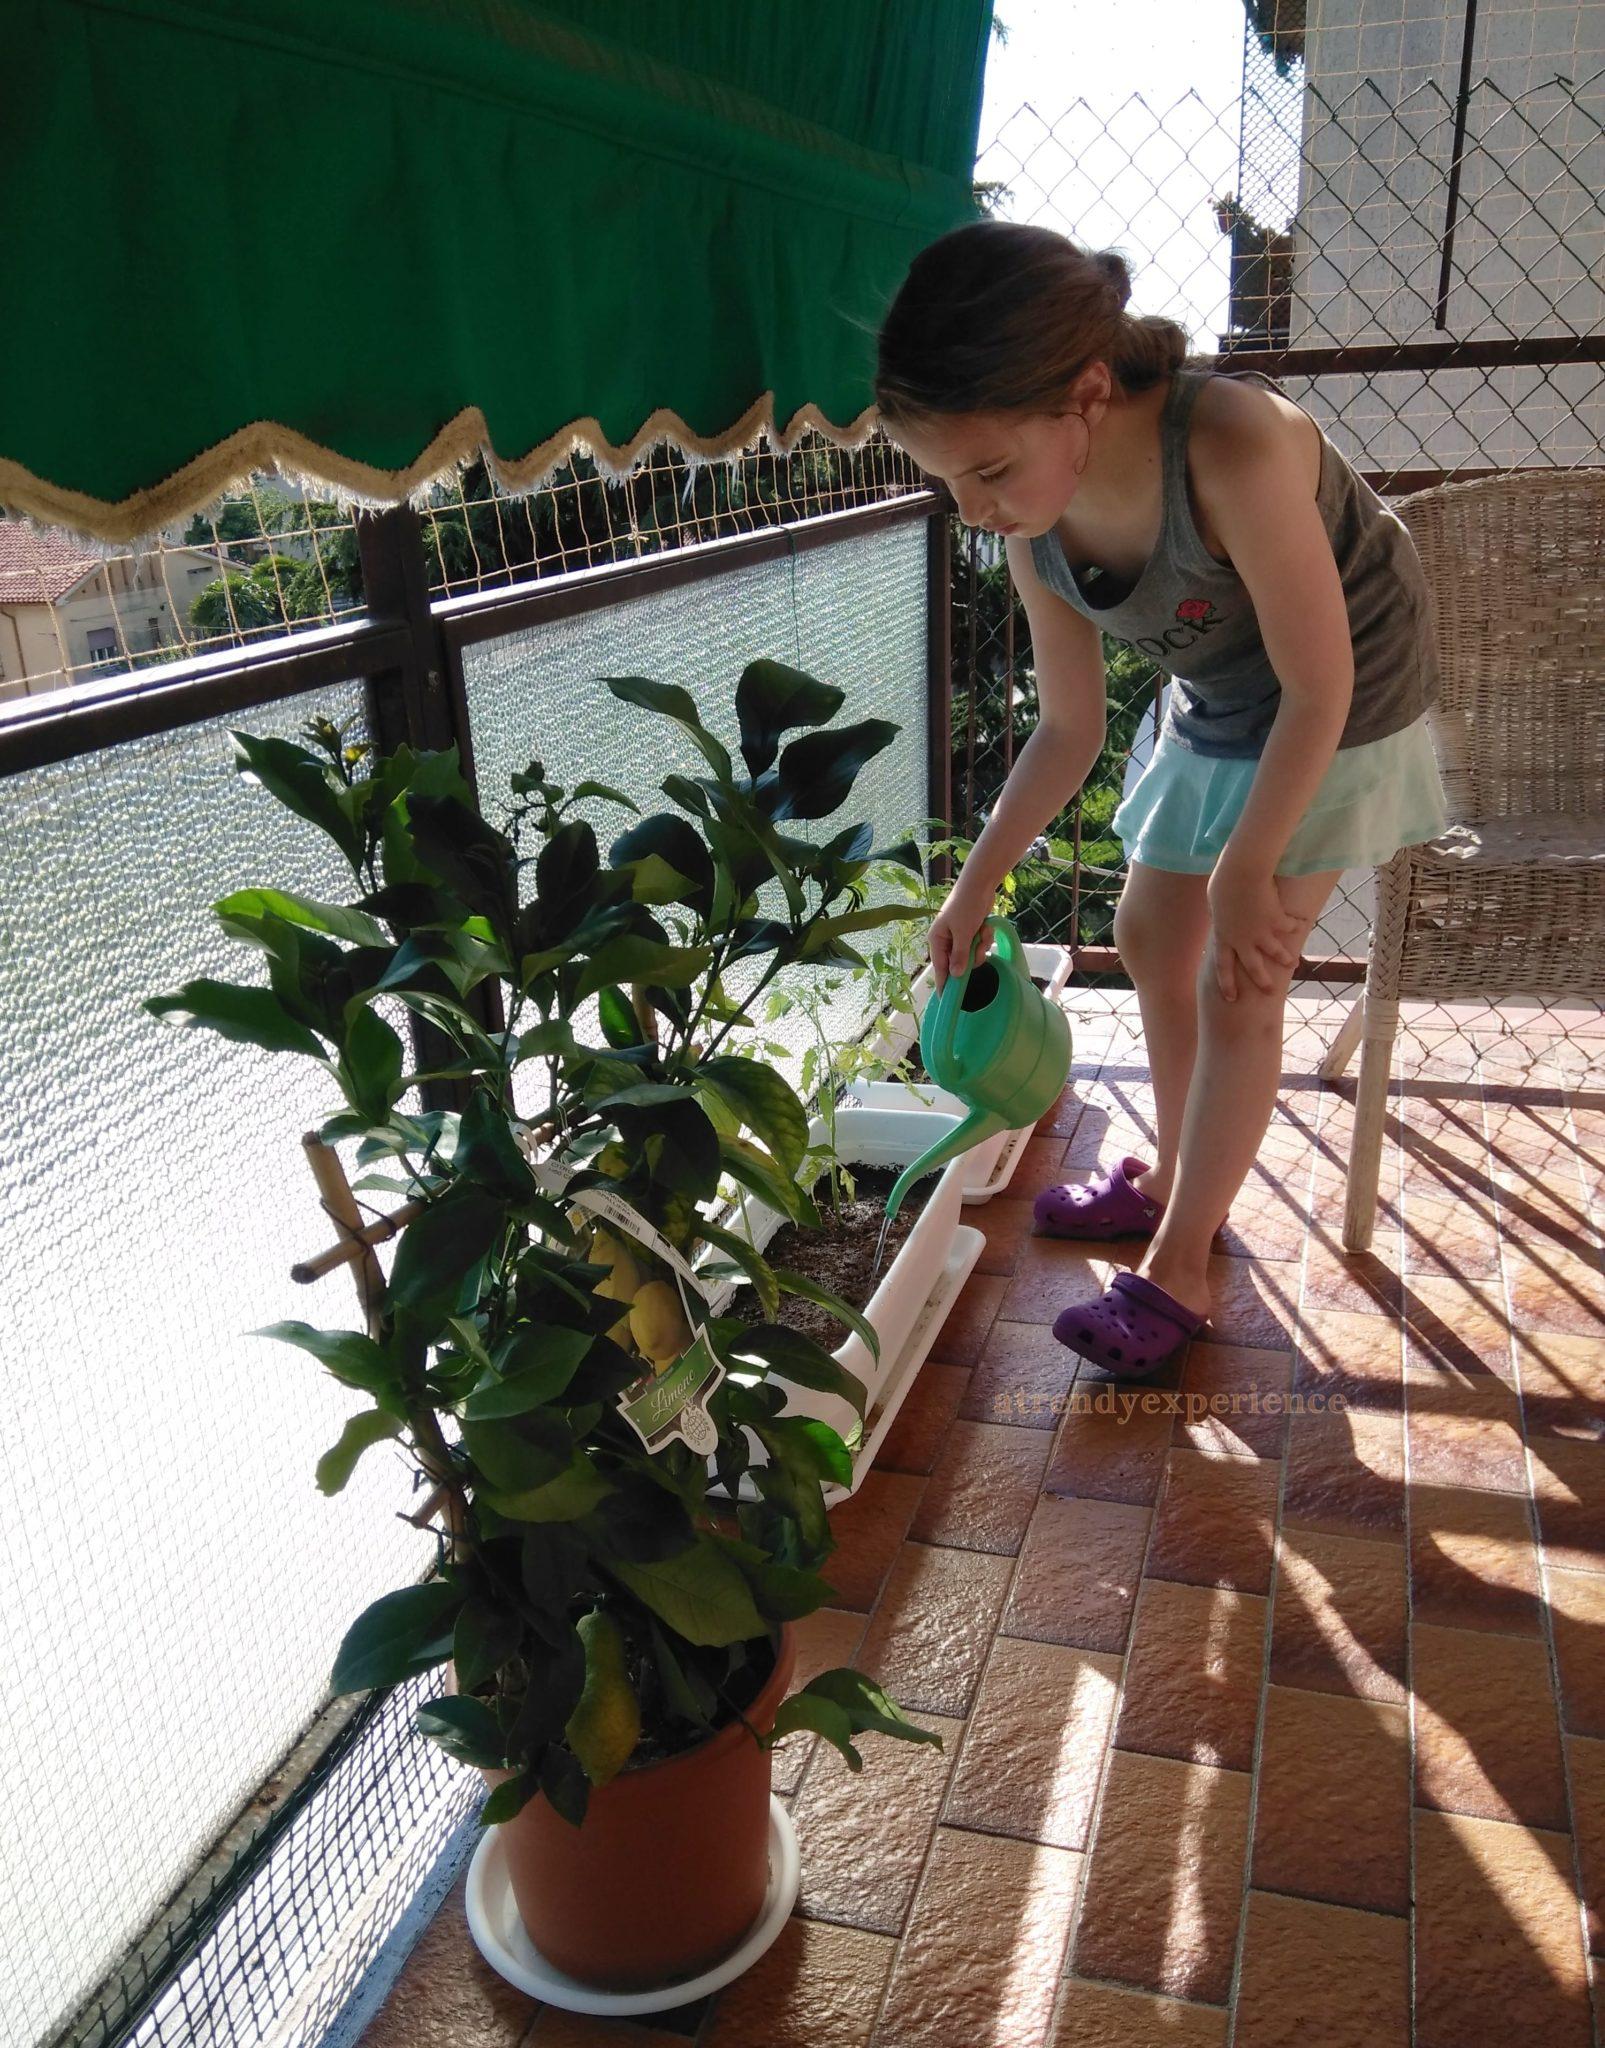 orto verticale manutenzione coltivare i pomodori in vaso